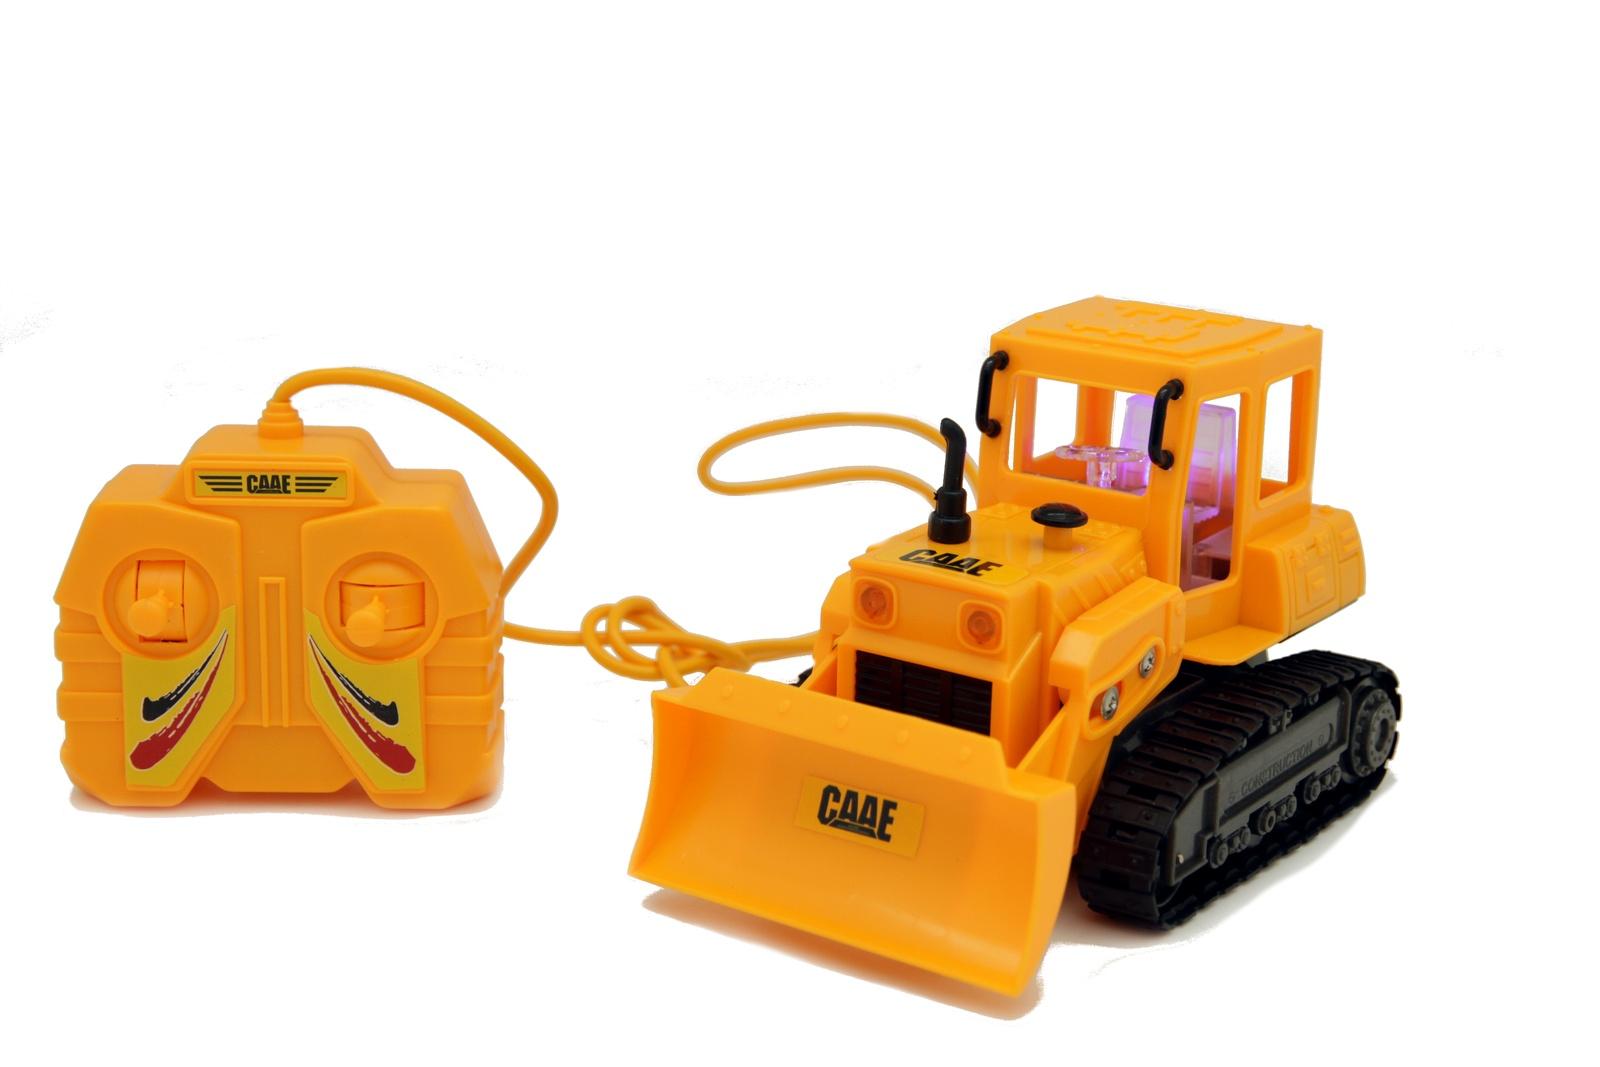 Игрушка радиоуправляемая Balbi RCW-714, A0G1082883 желтый balbi экскаватор гусеничный на дистанционном управлении цвет желтый